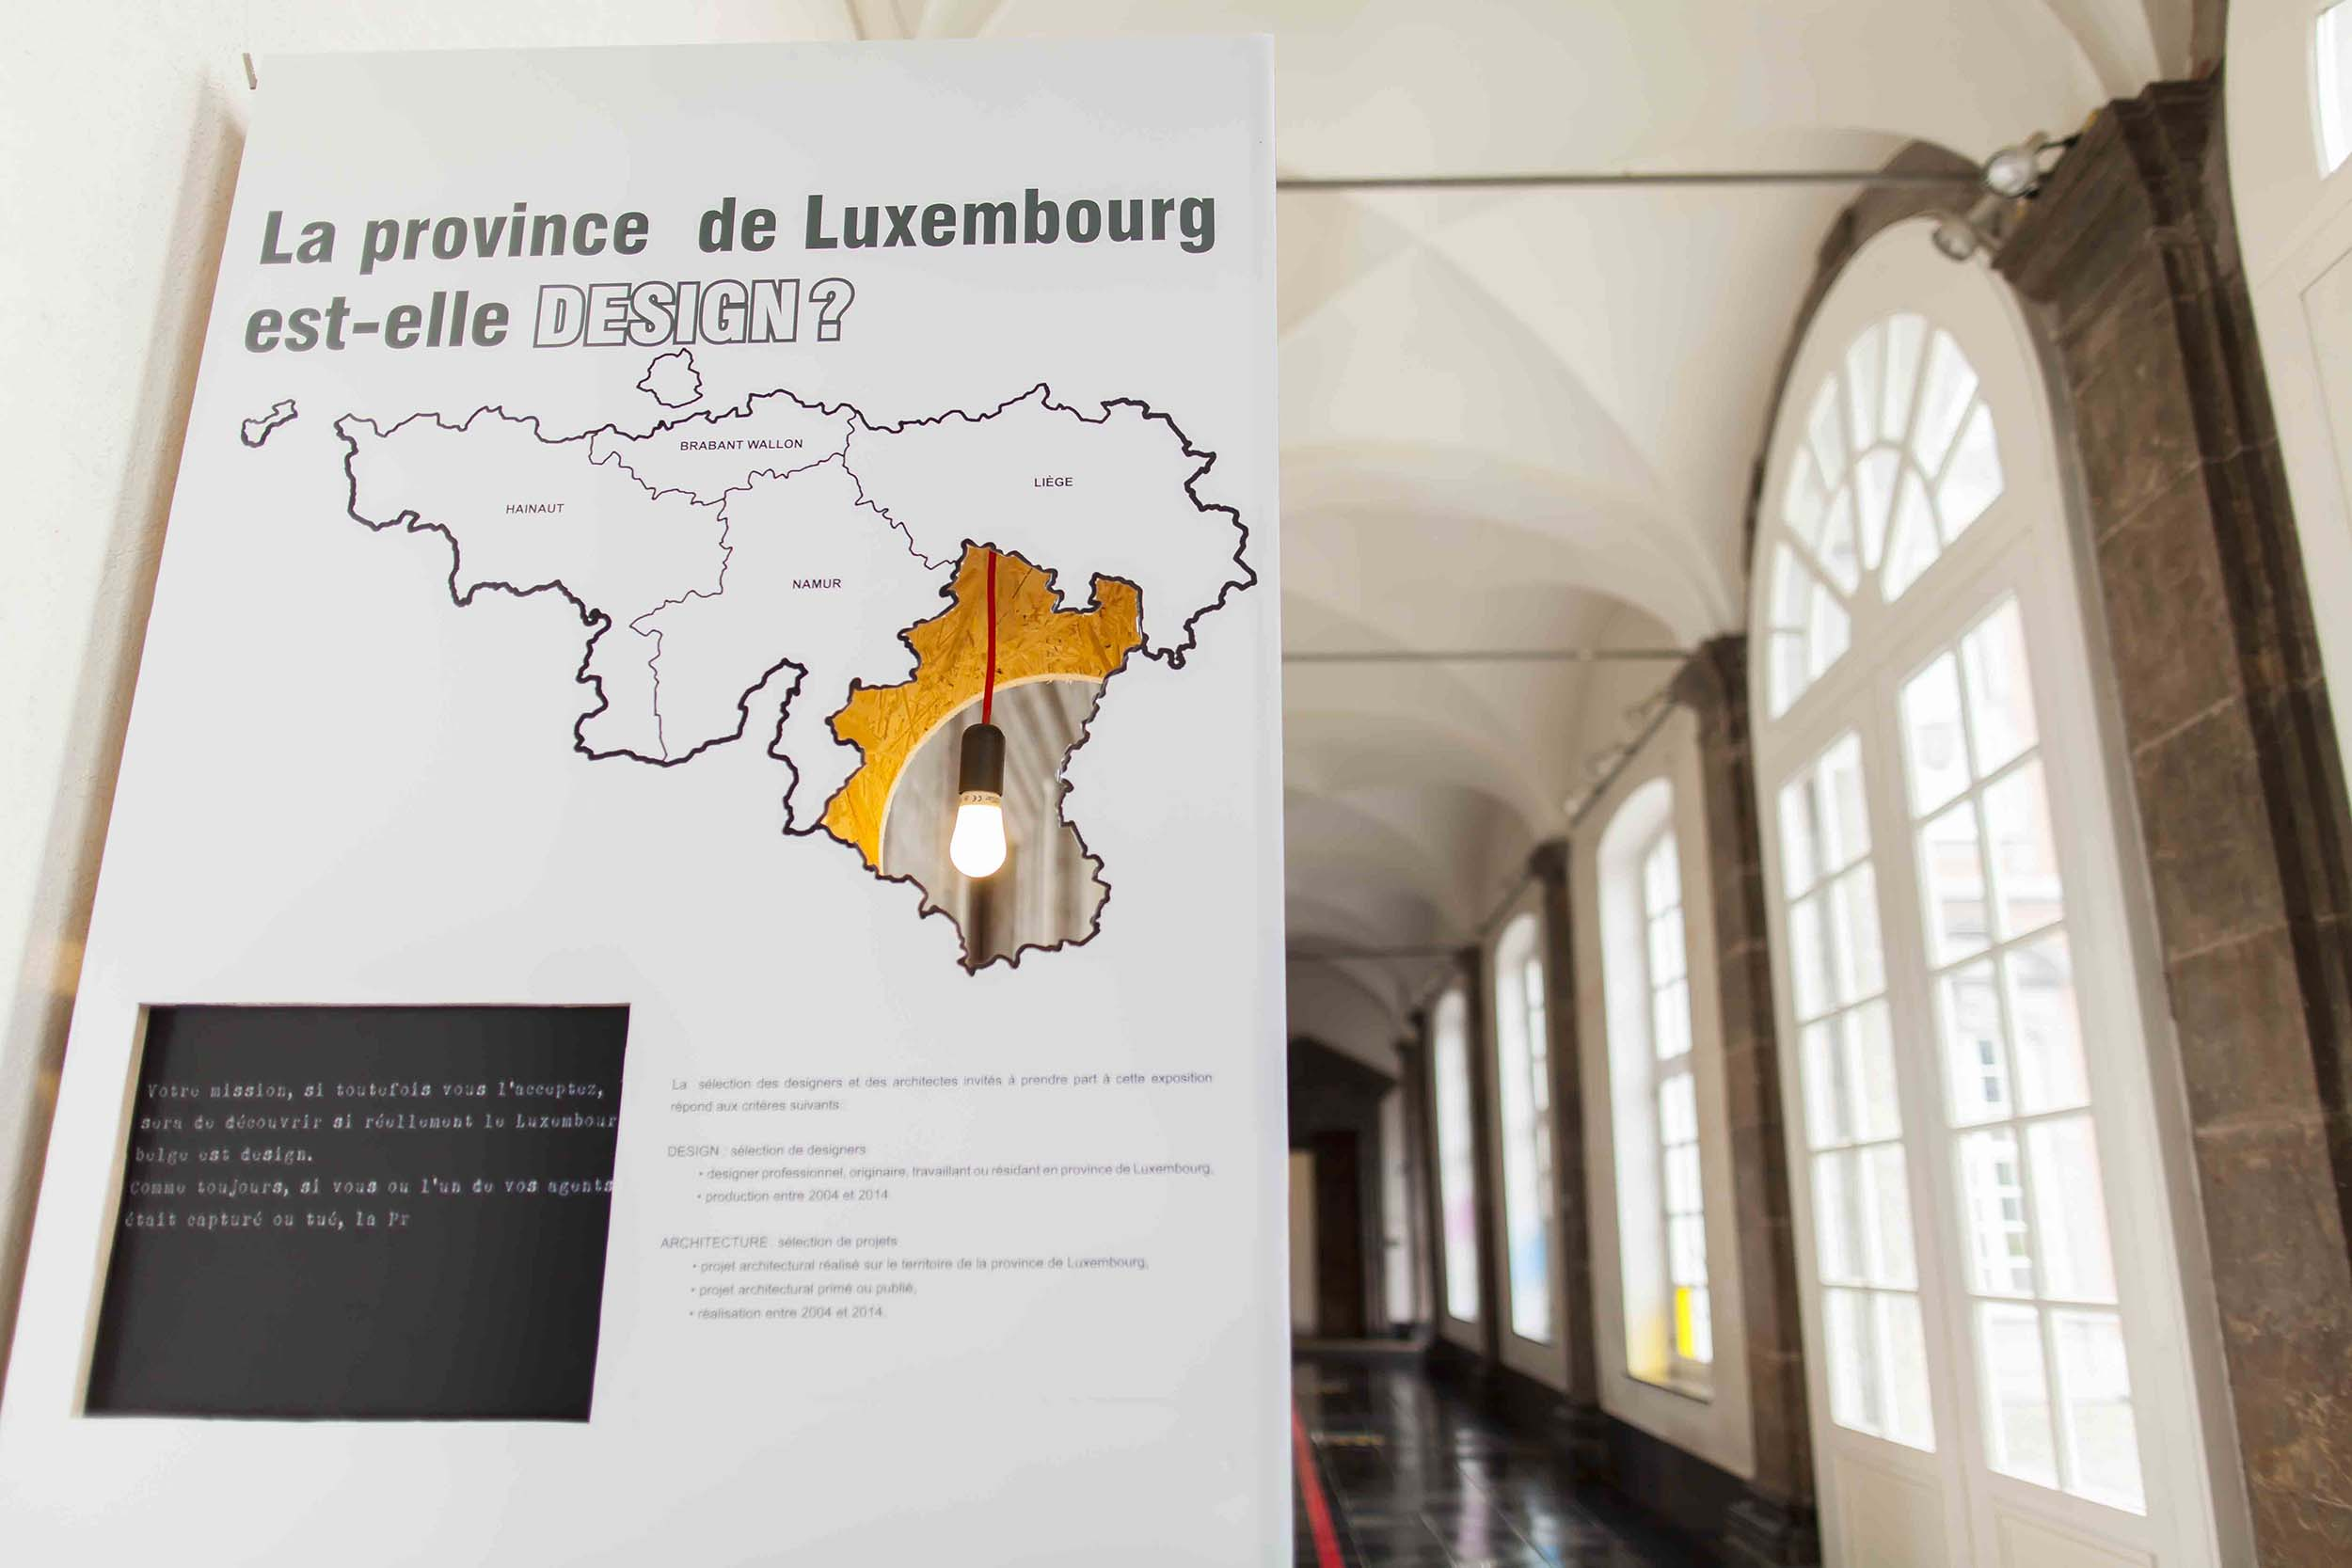 LA PROVINCE DE LUXEMBOURG EST-ELLE DESIGN?